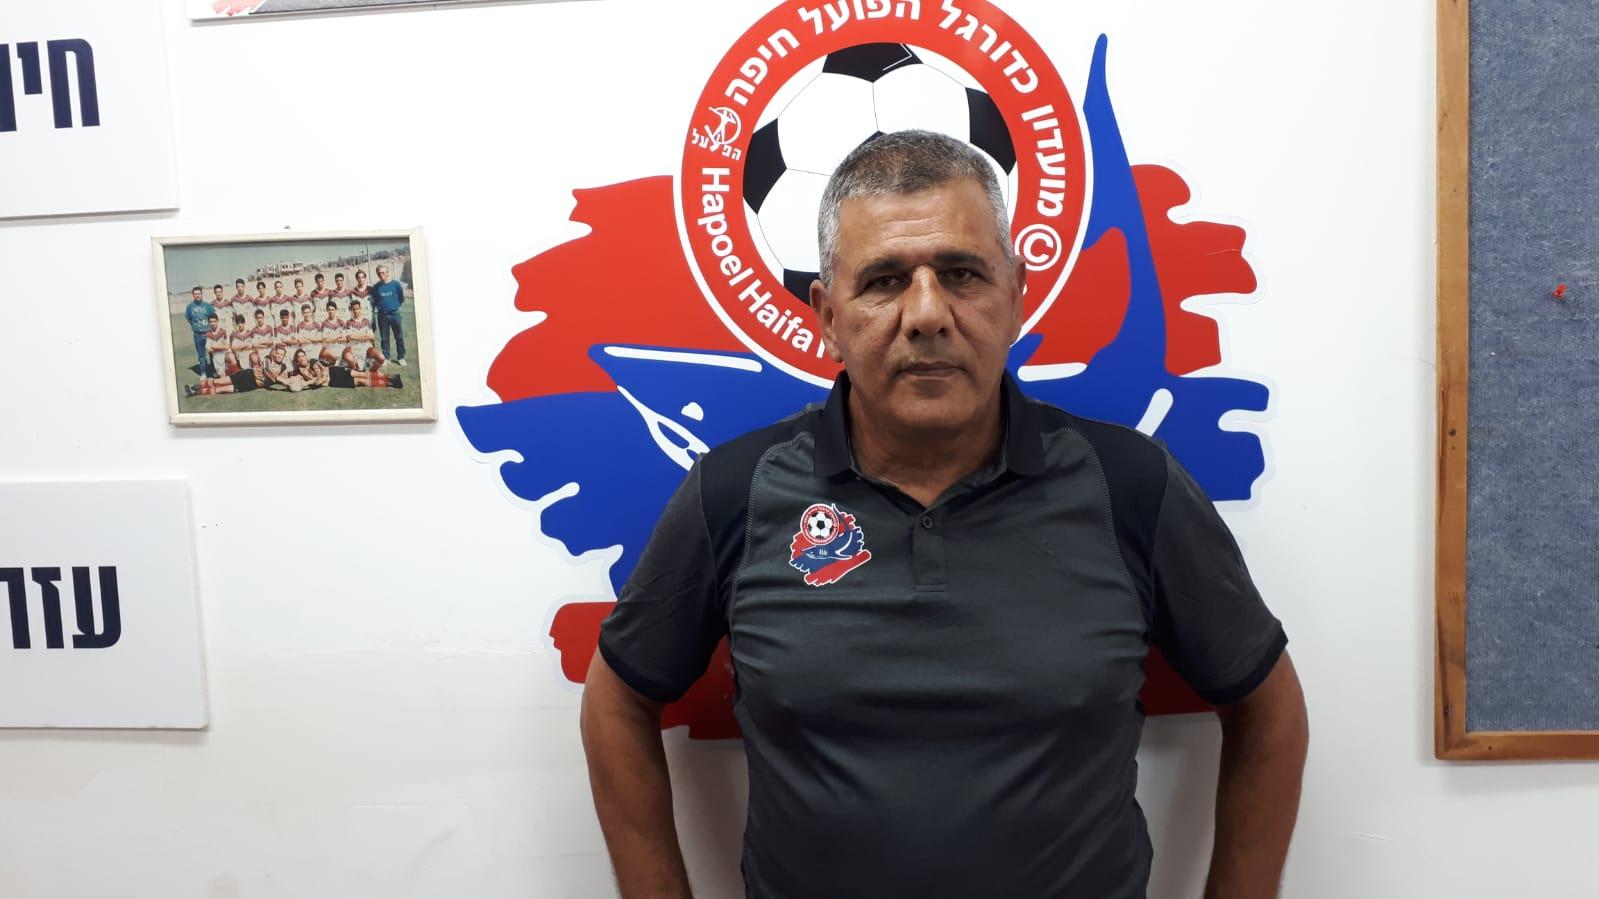 אלון שלמה מונה למאמן מחלקת הנוער של הפועל חיפה